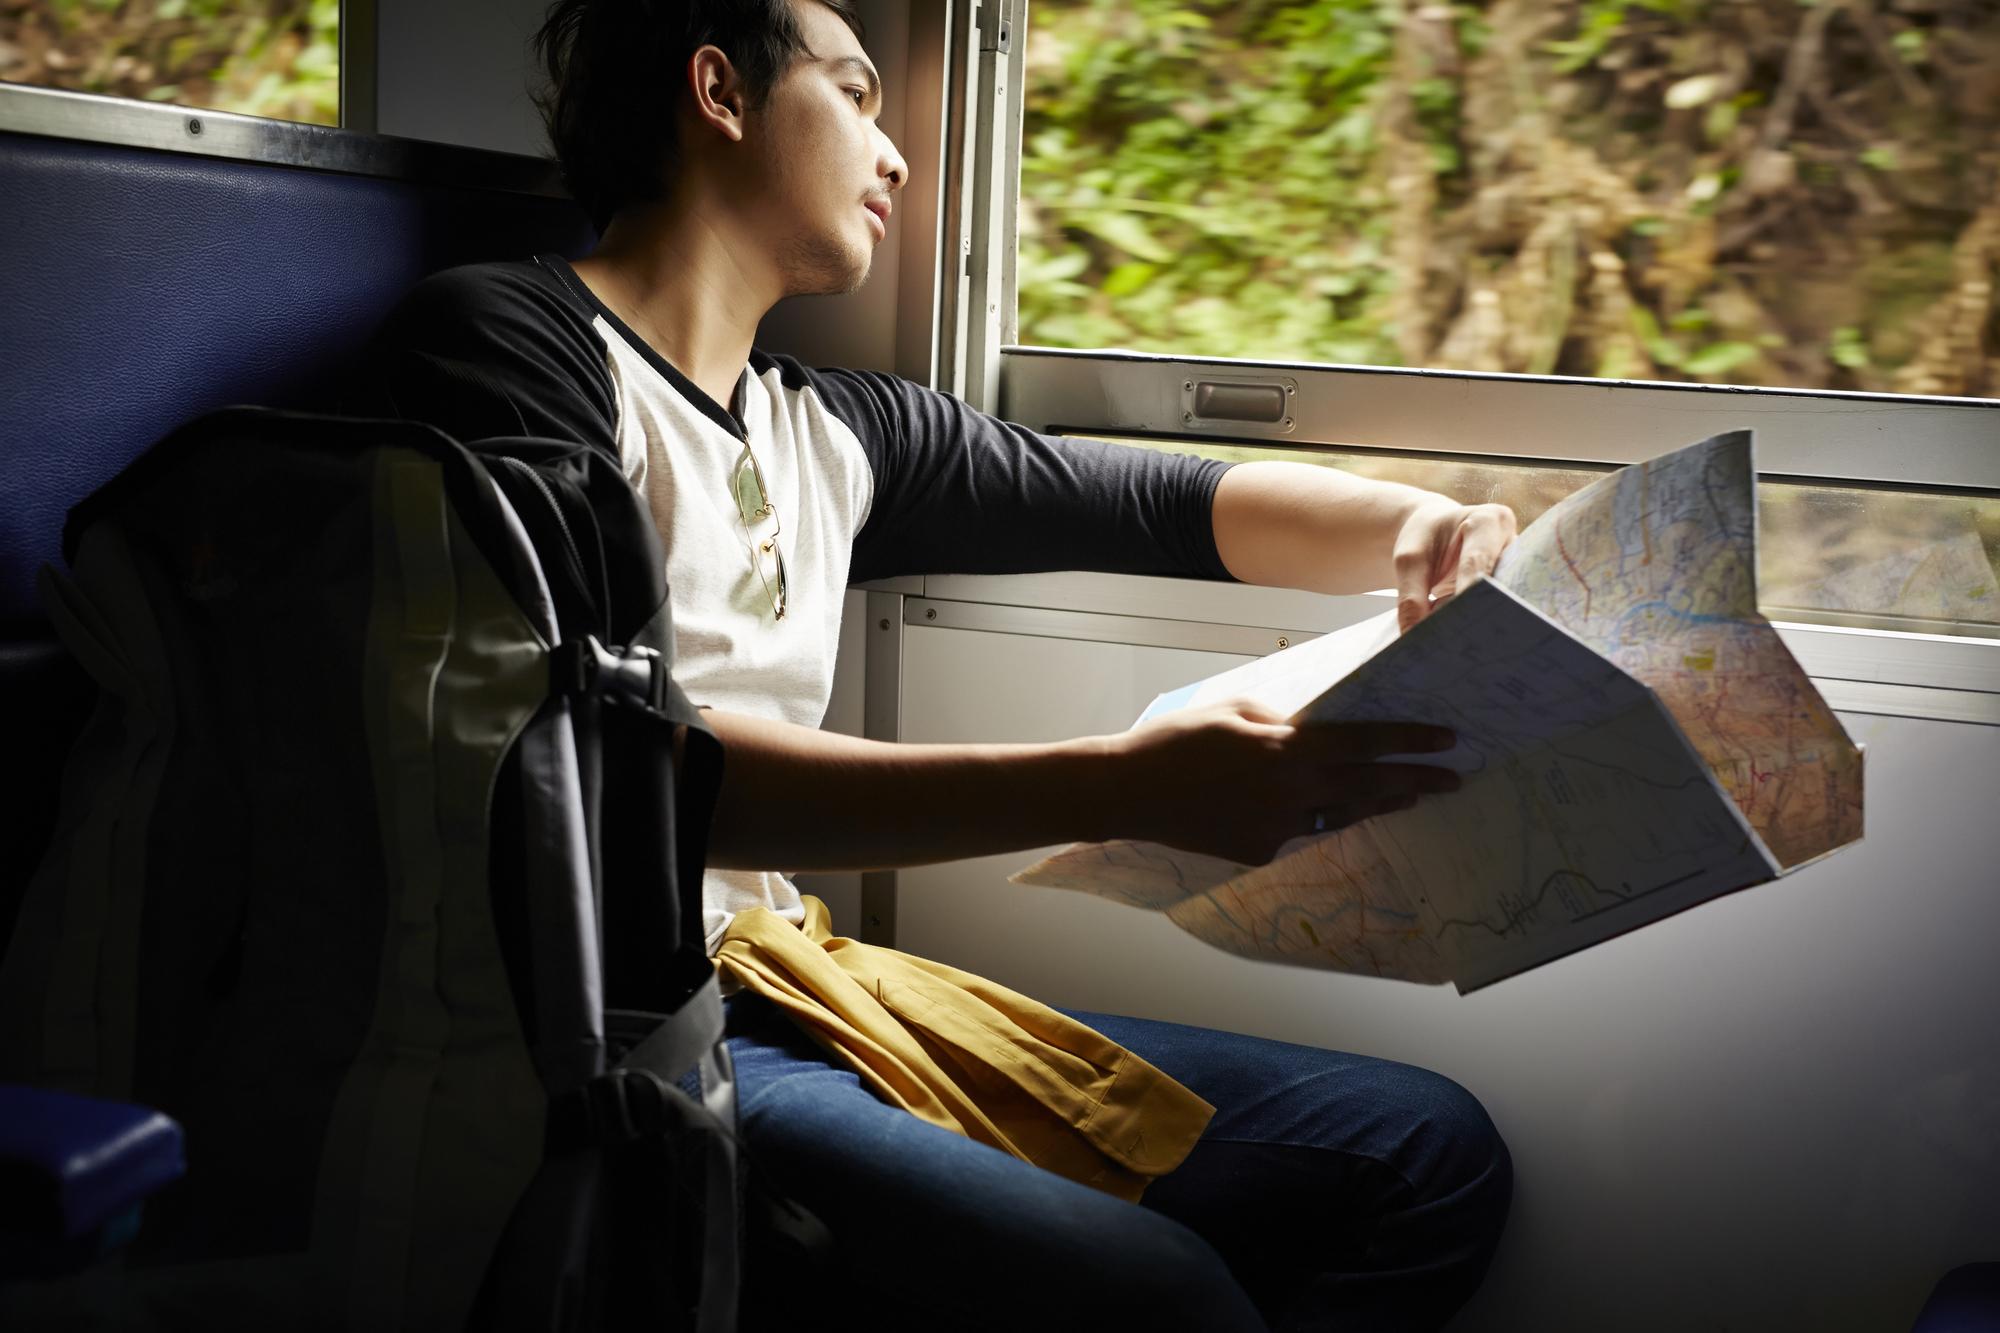 乗車中、目的地までは気を抜かないで!電車内で使える英会話フレーズ